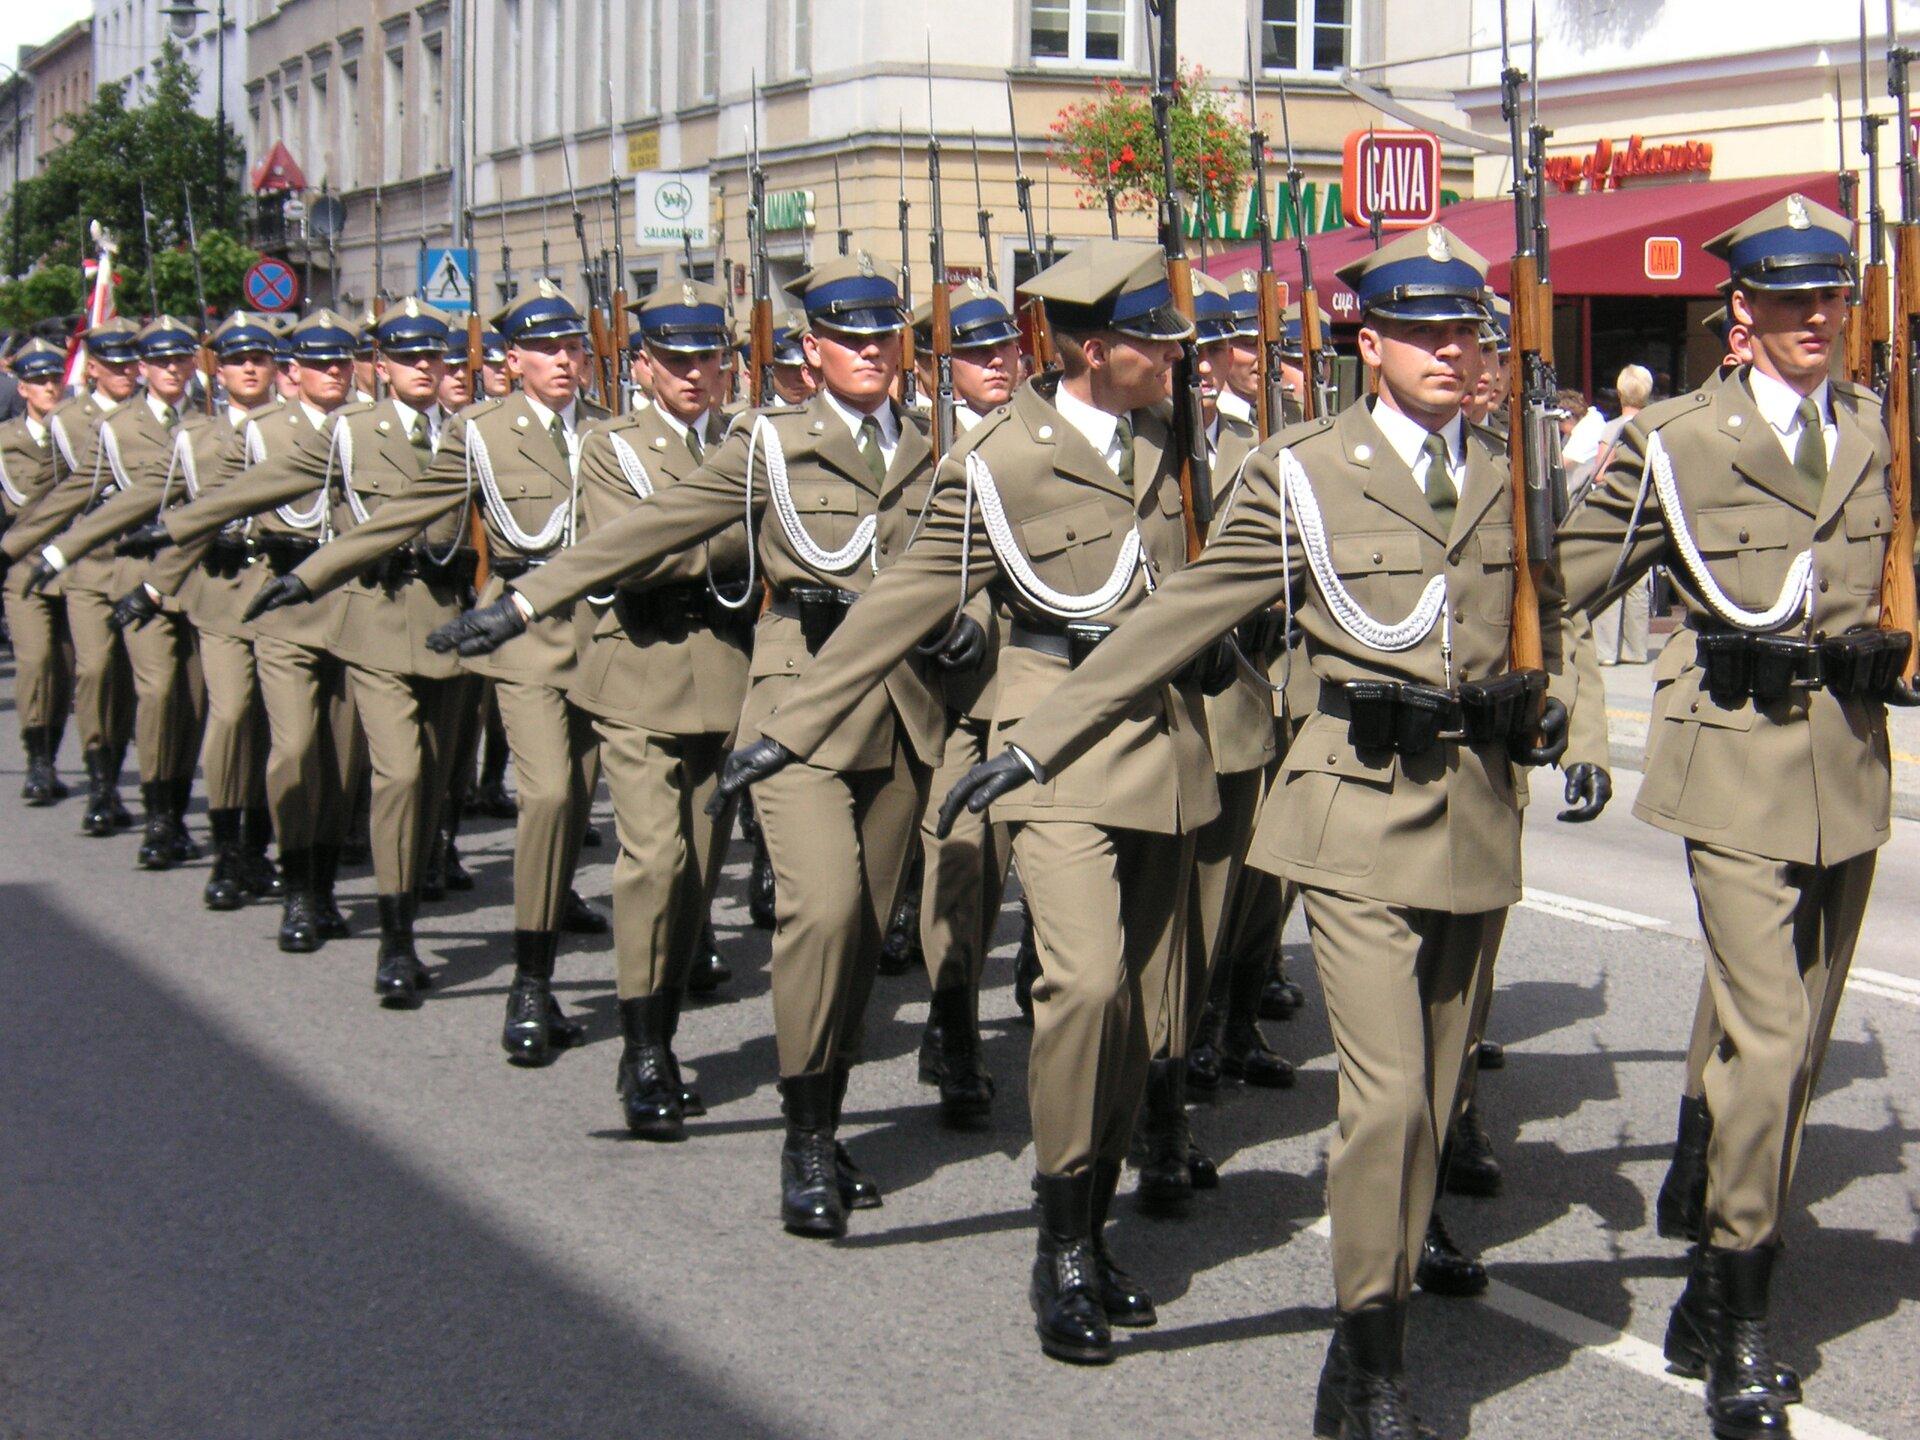 Defilada Wojska Polskiego Źródło: Halibutt, Defilada Wojska Polskiego, licencja: CC BY-SA 3.0.